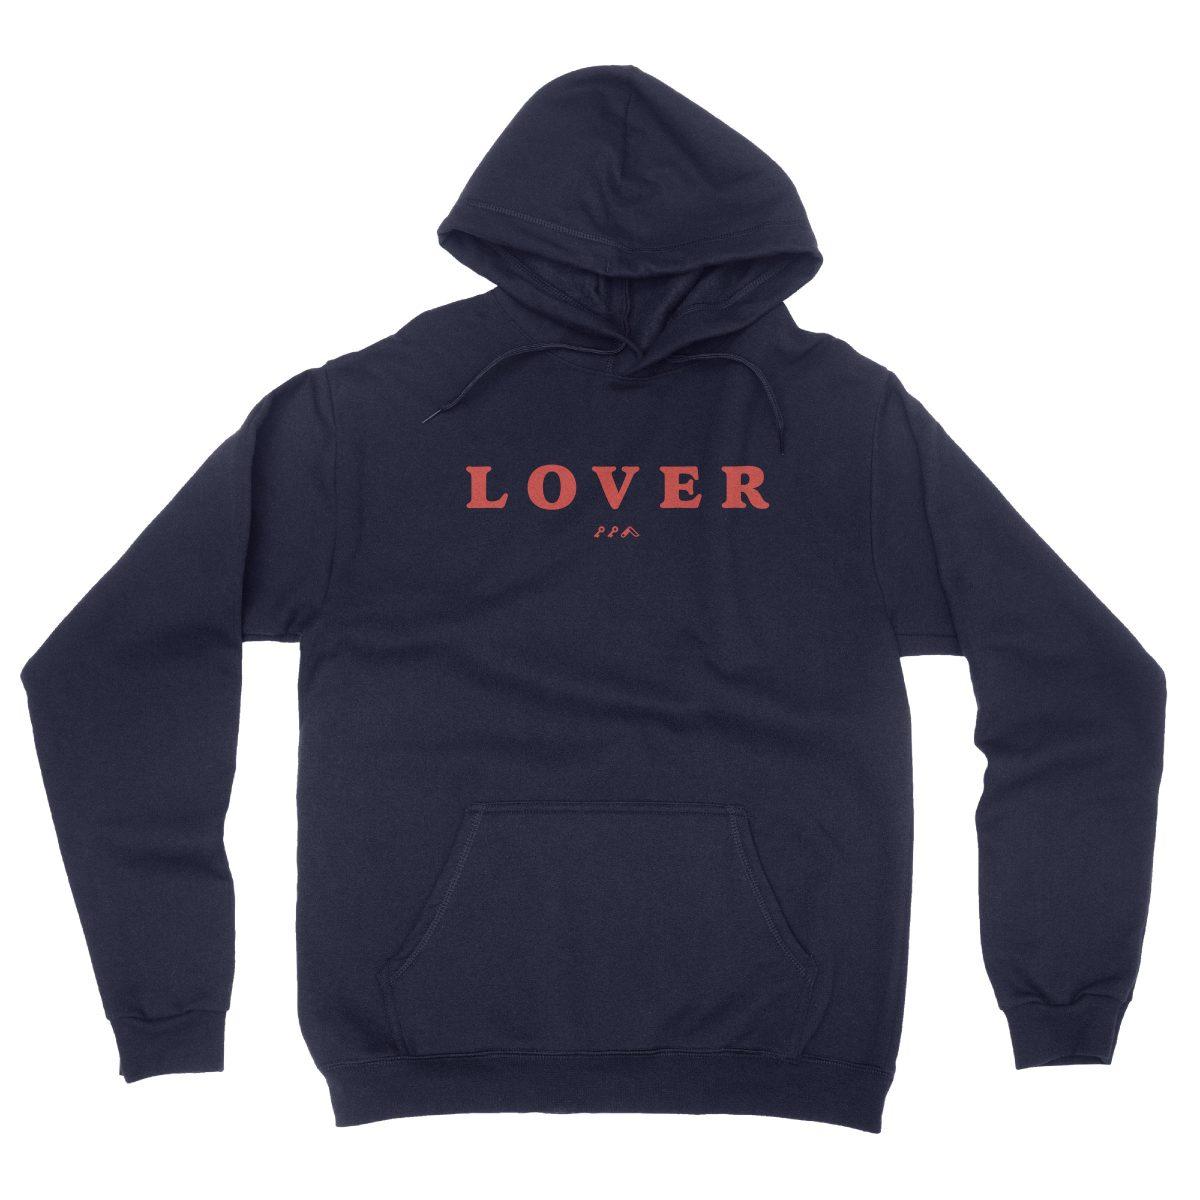 LOVER soft unisex hoodie in navy by kikicutt